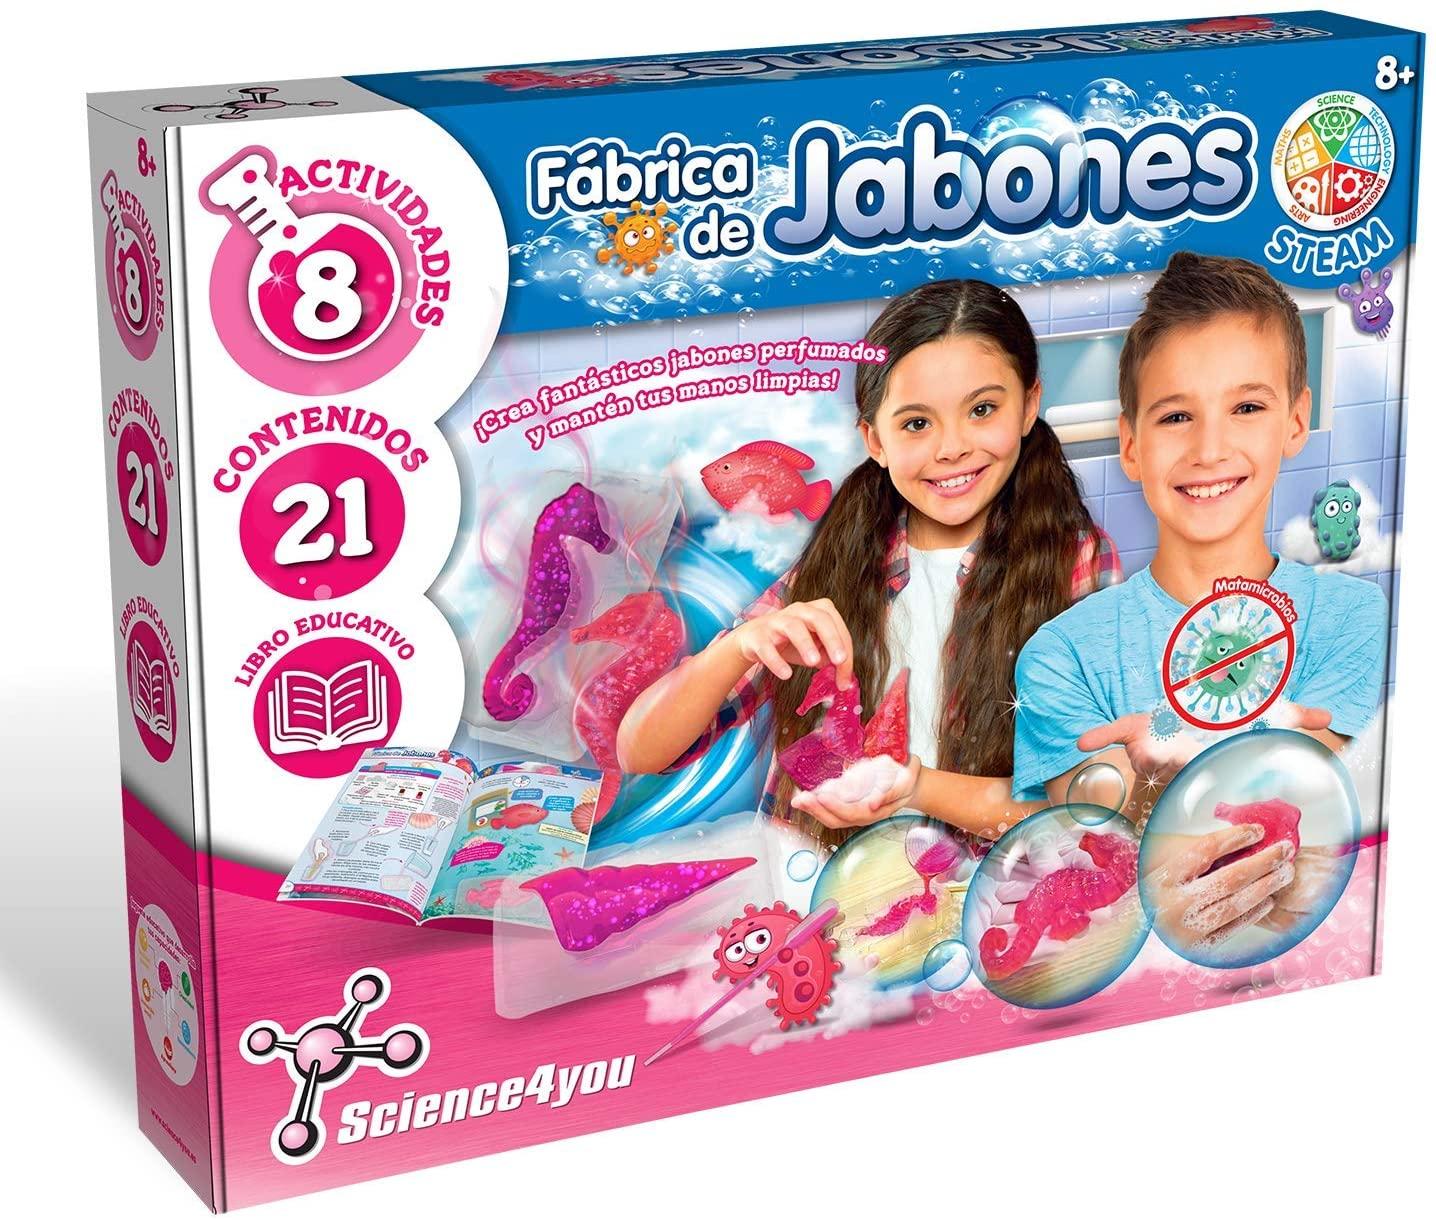 Fábrica de Jabones Science4you